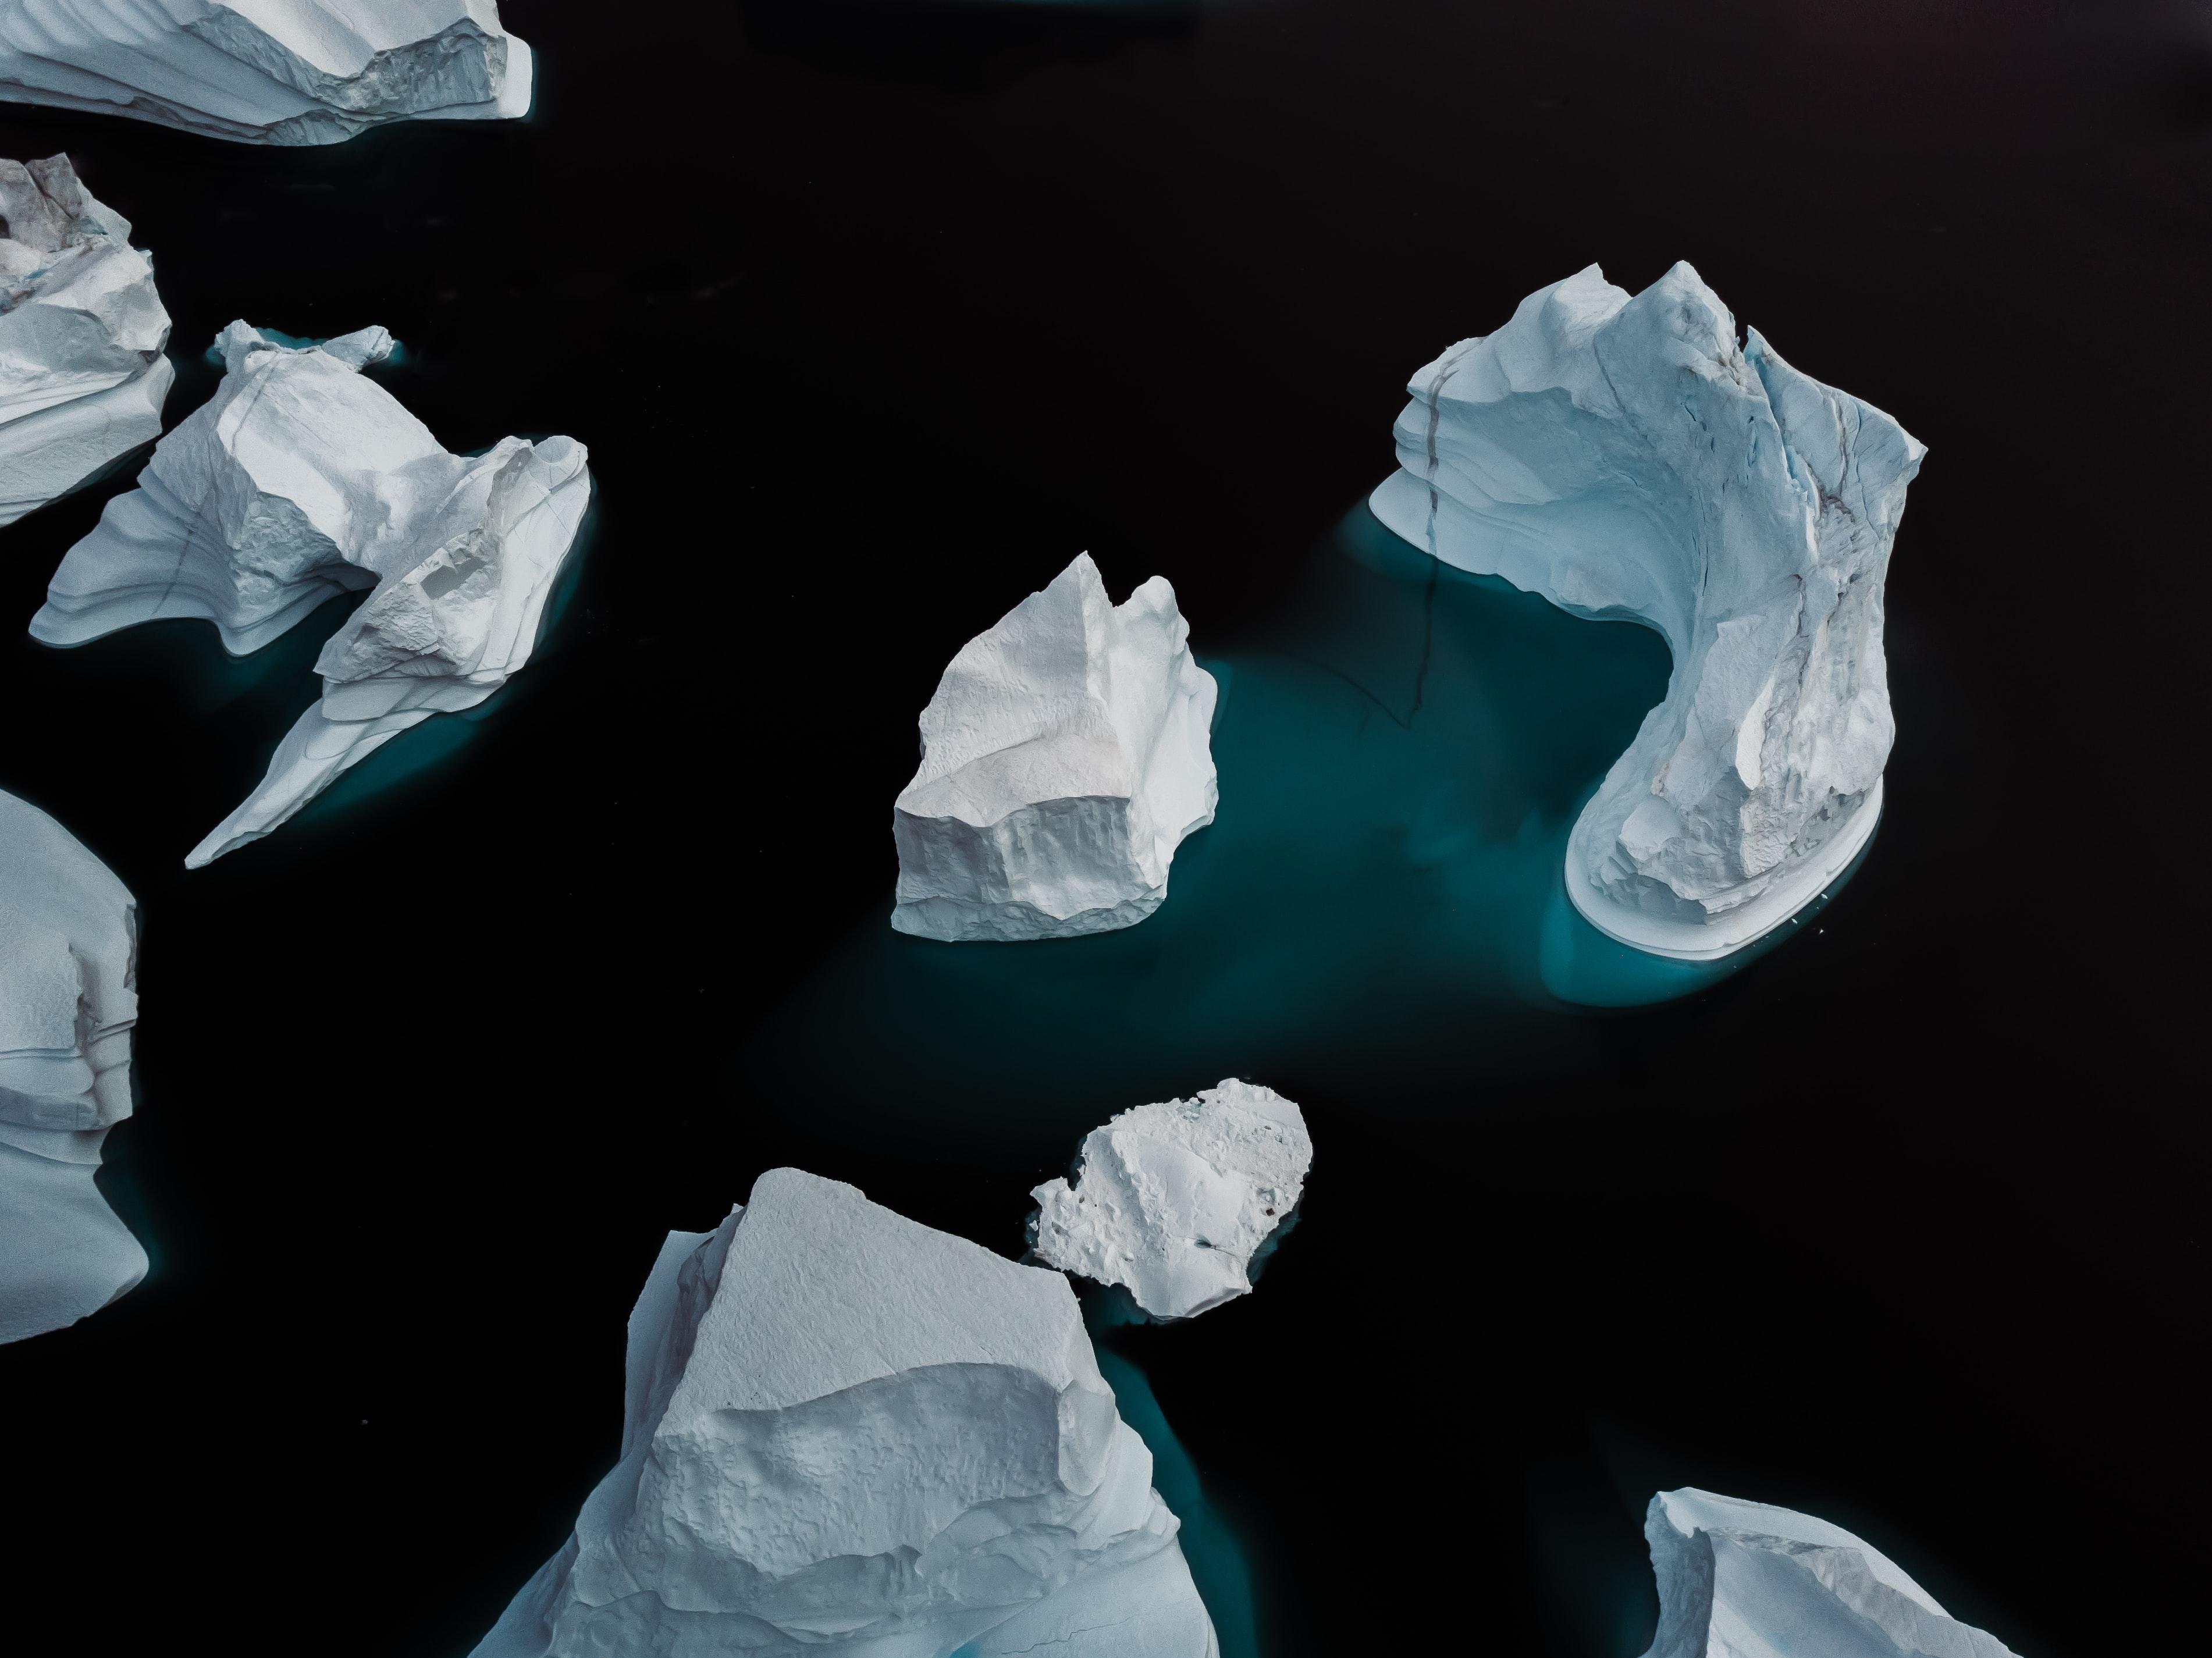 שיחה בין קרחונים